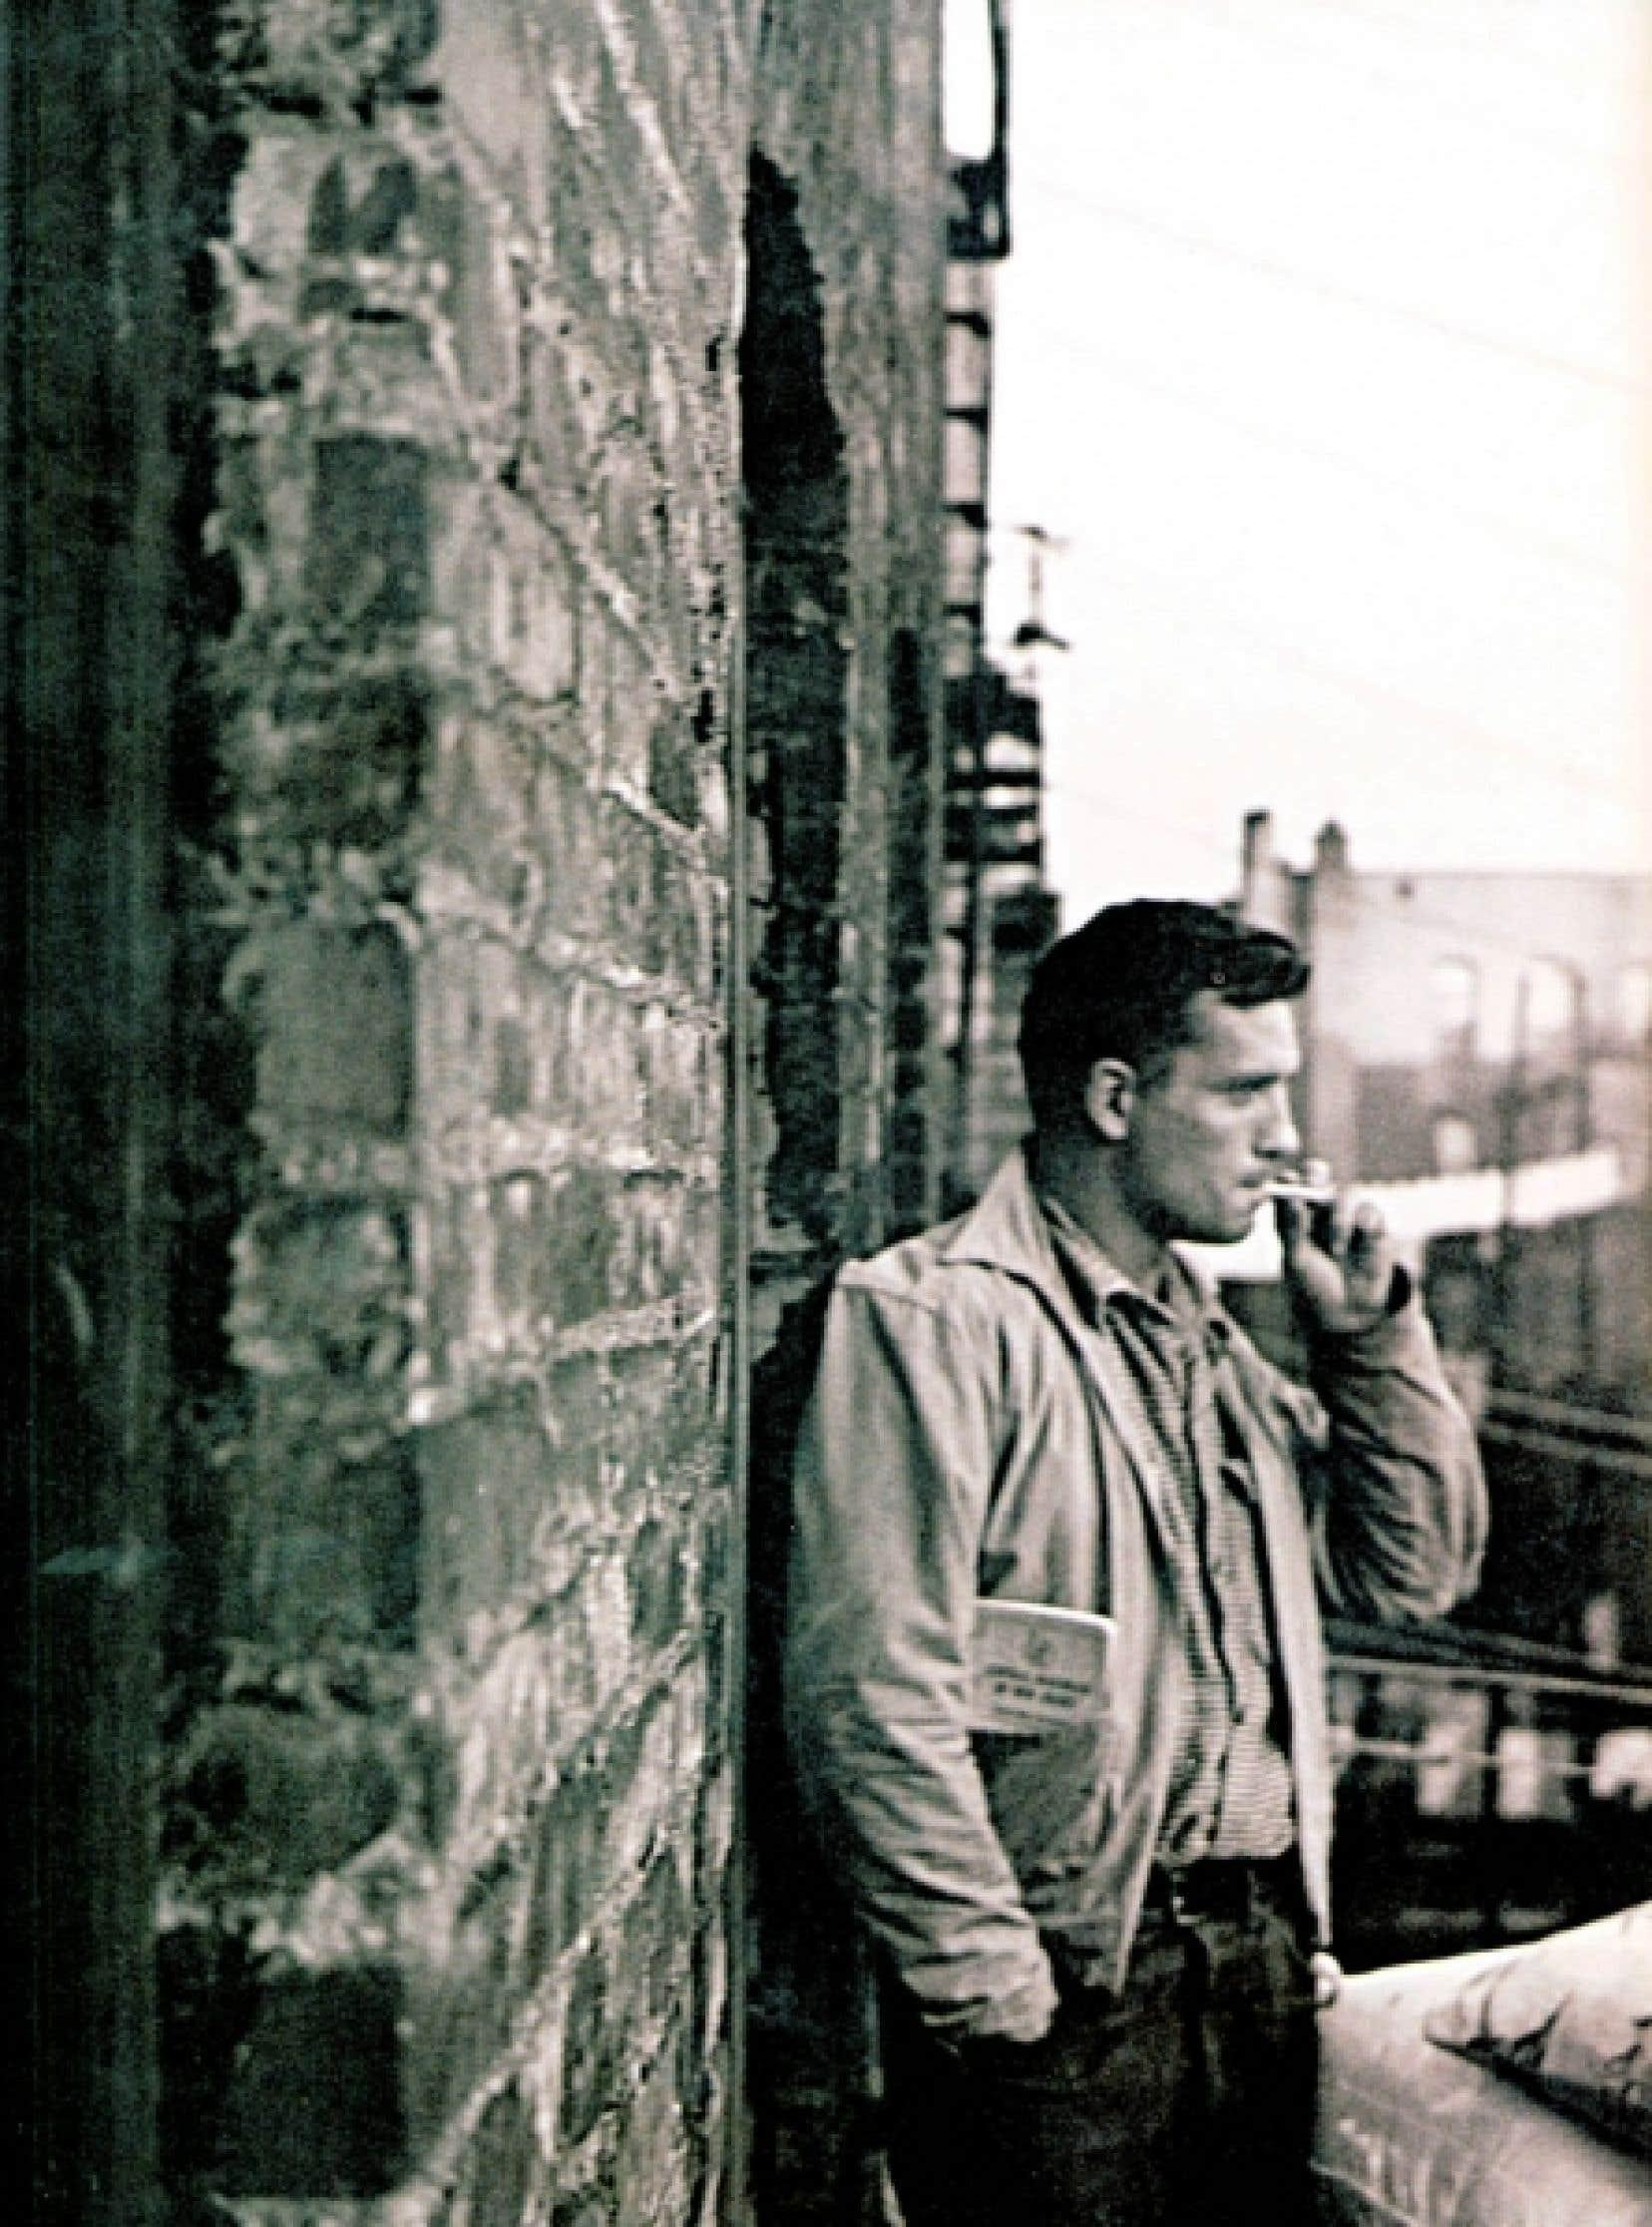 Le parcours mouvementé de Jack Kerouac (1922-1969) a donné lieu jusqu'à ce jour à un culte pour une certaine Amérique nomade, comme en rendent d'ailleurs compte à leur façon Christophe Cousin et Mathieu Paley, qui viennent de faire paraître Dans les roues de Jack Kerouac aux éditions de la Martinière, dont cette image de l'écrivain est tirée.<br />